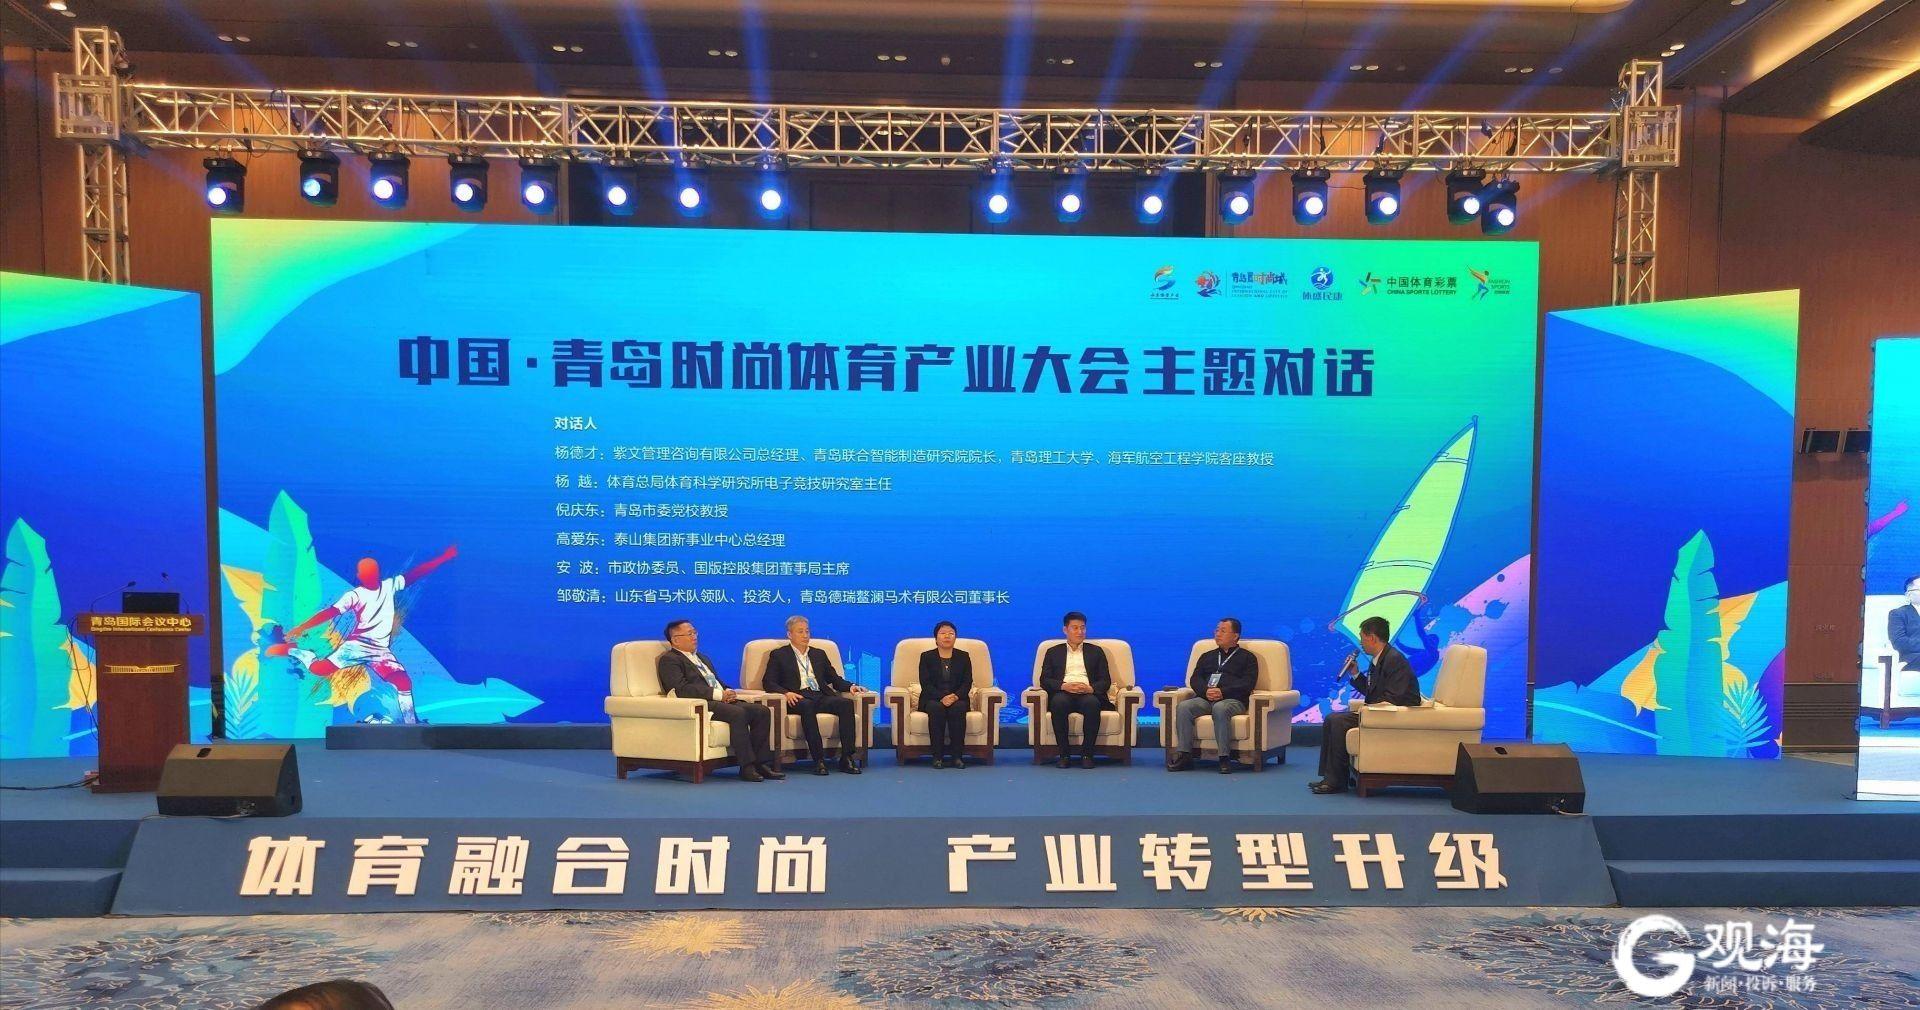 为国际时尚城建设贡献体育力量!中国·青岛时尚体育产业大会落幕